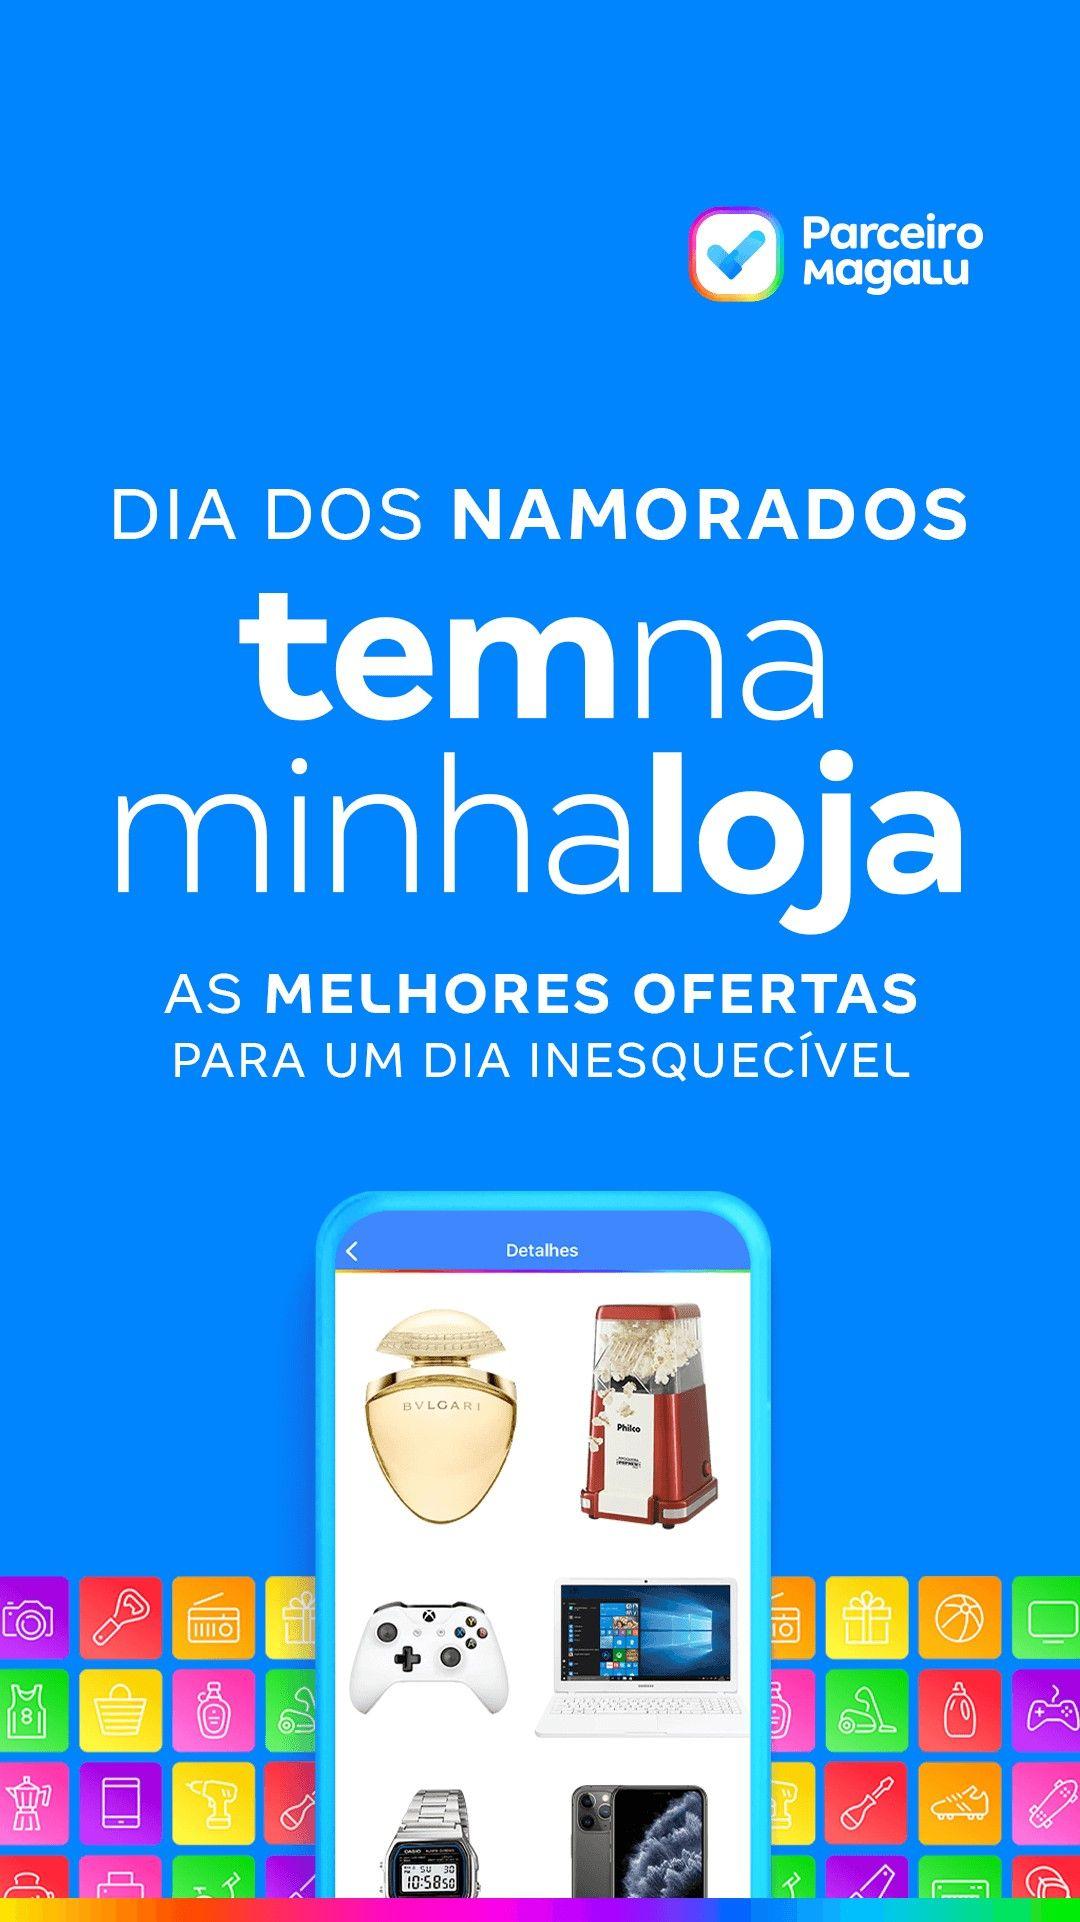 Magazine Ff Import Presente Dia Dos Namorados Sites Para Ganhar Dinheiro Parceiro